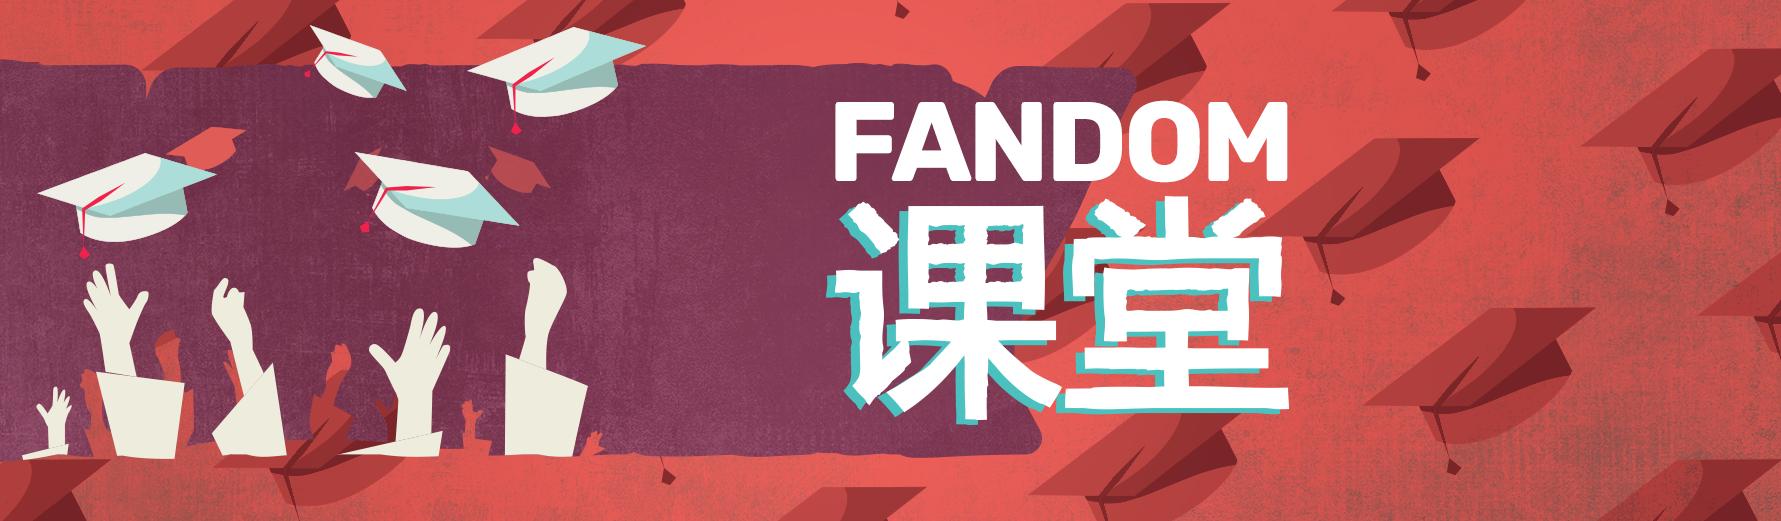 ZH Fandom-University-Header-Logo